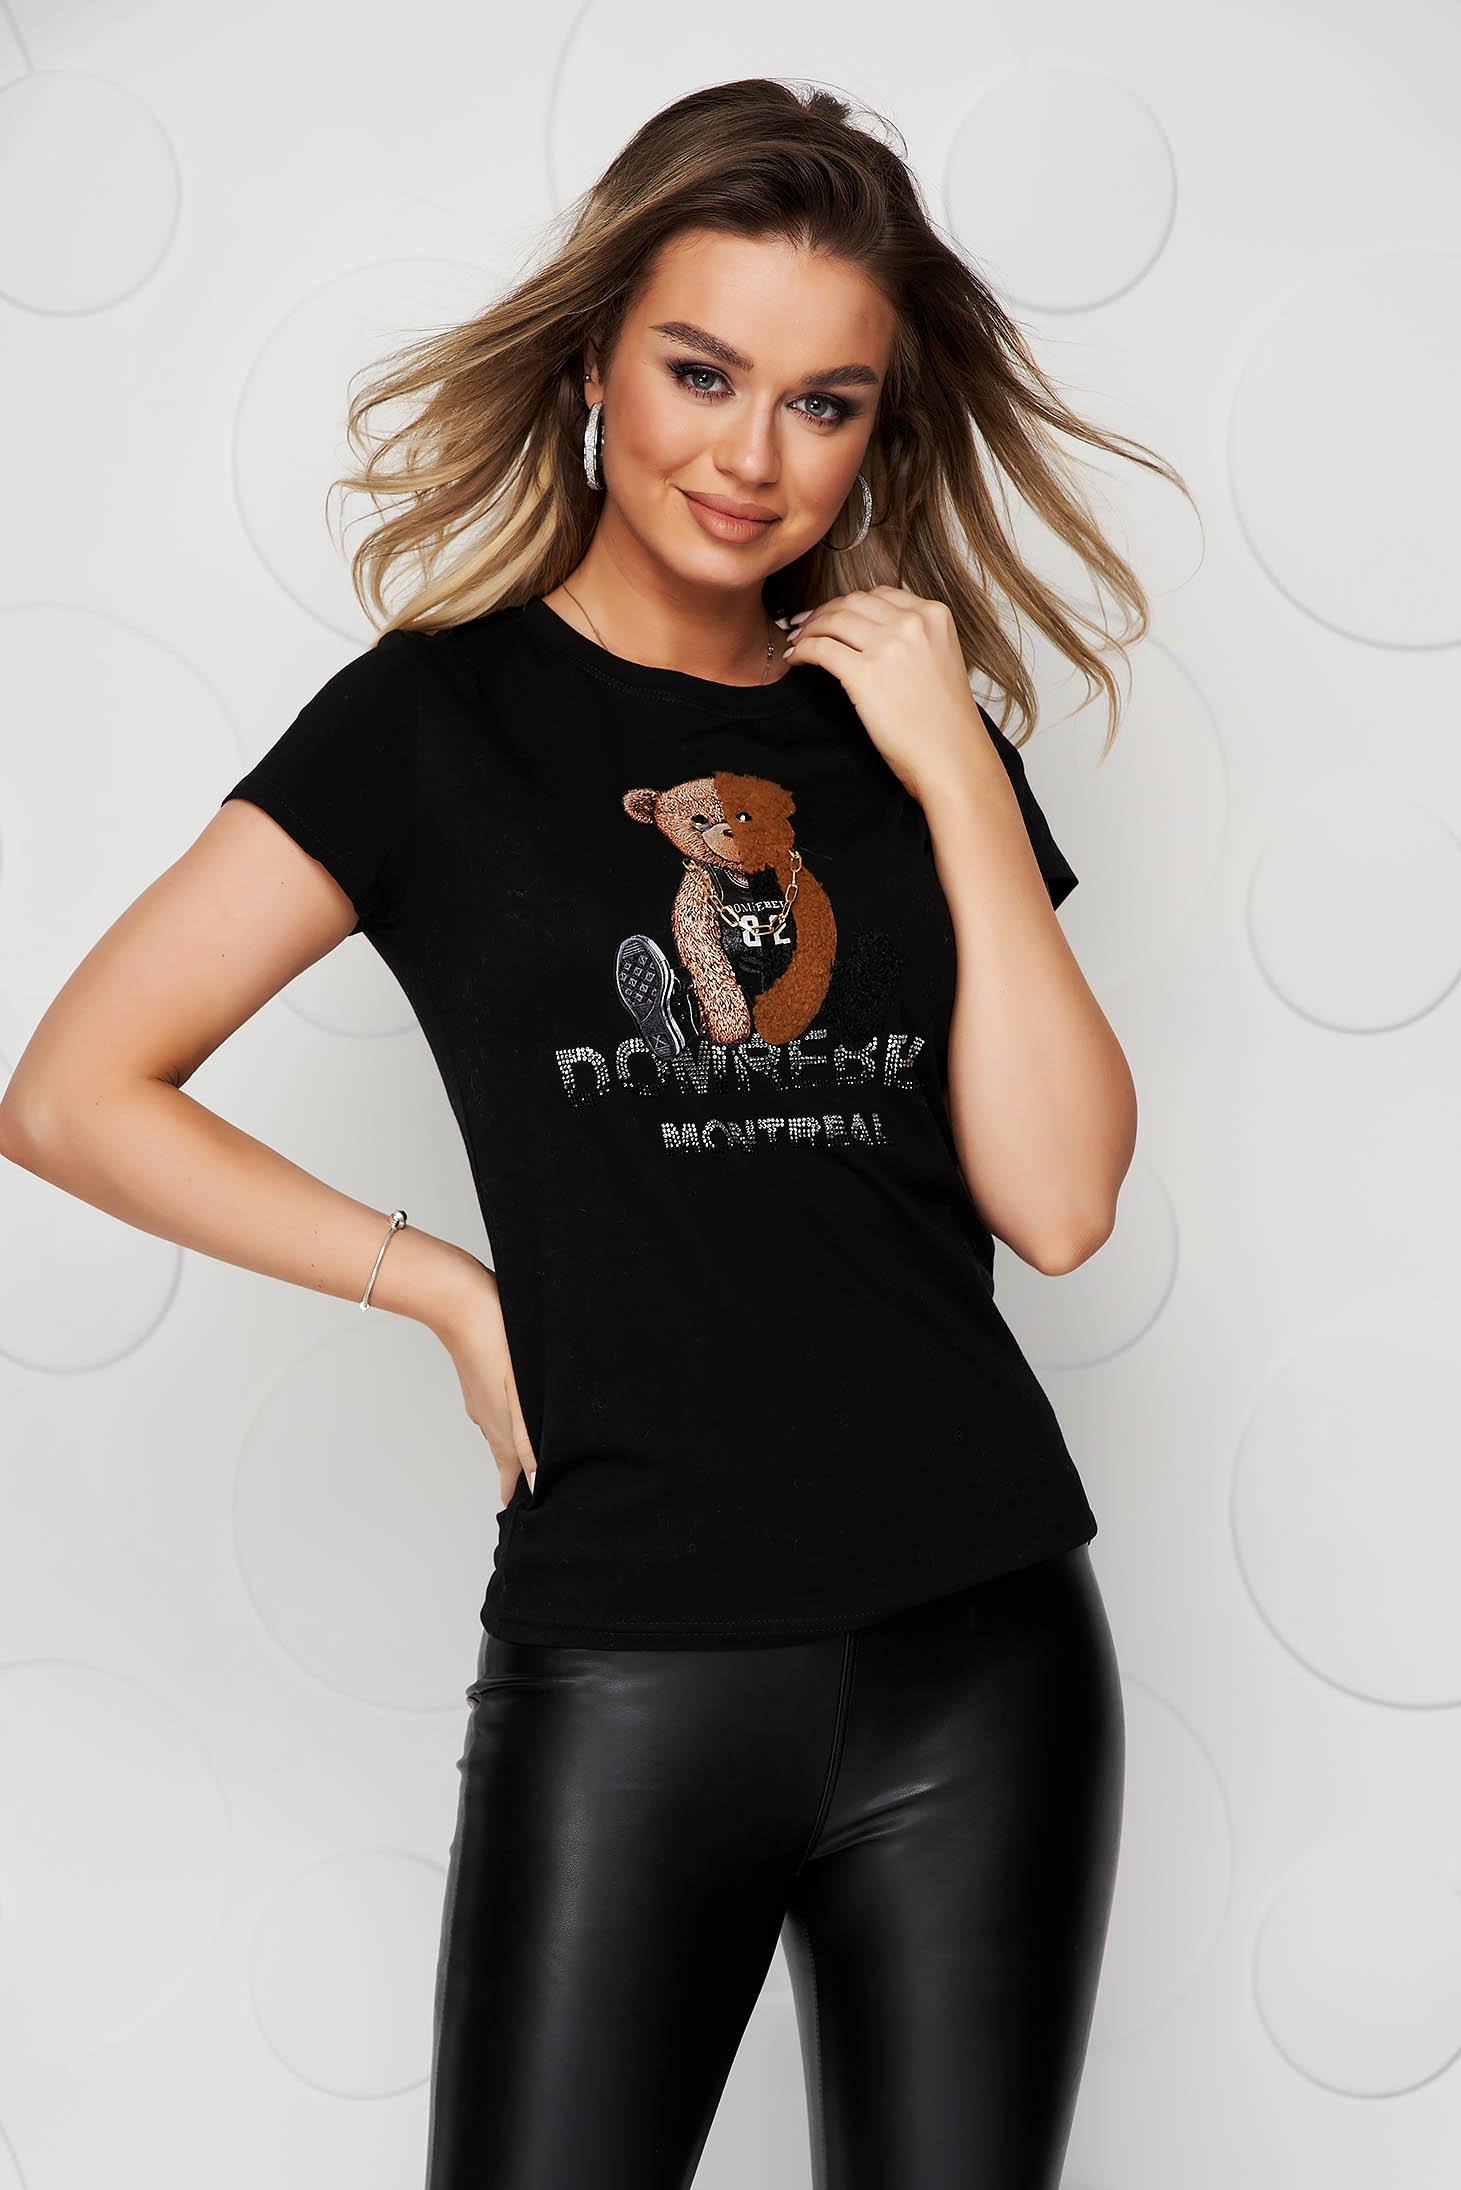 Pamutból készült szűk szabású fekete póló rövid ujjakkal grafikai díszítéssel